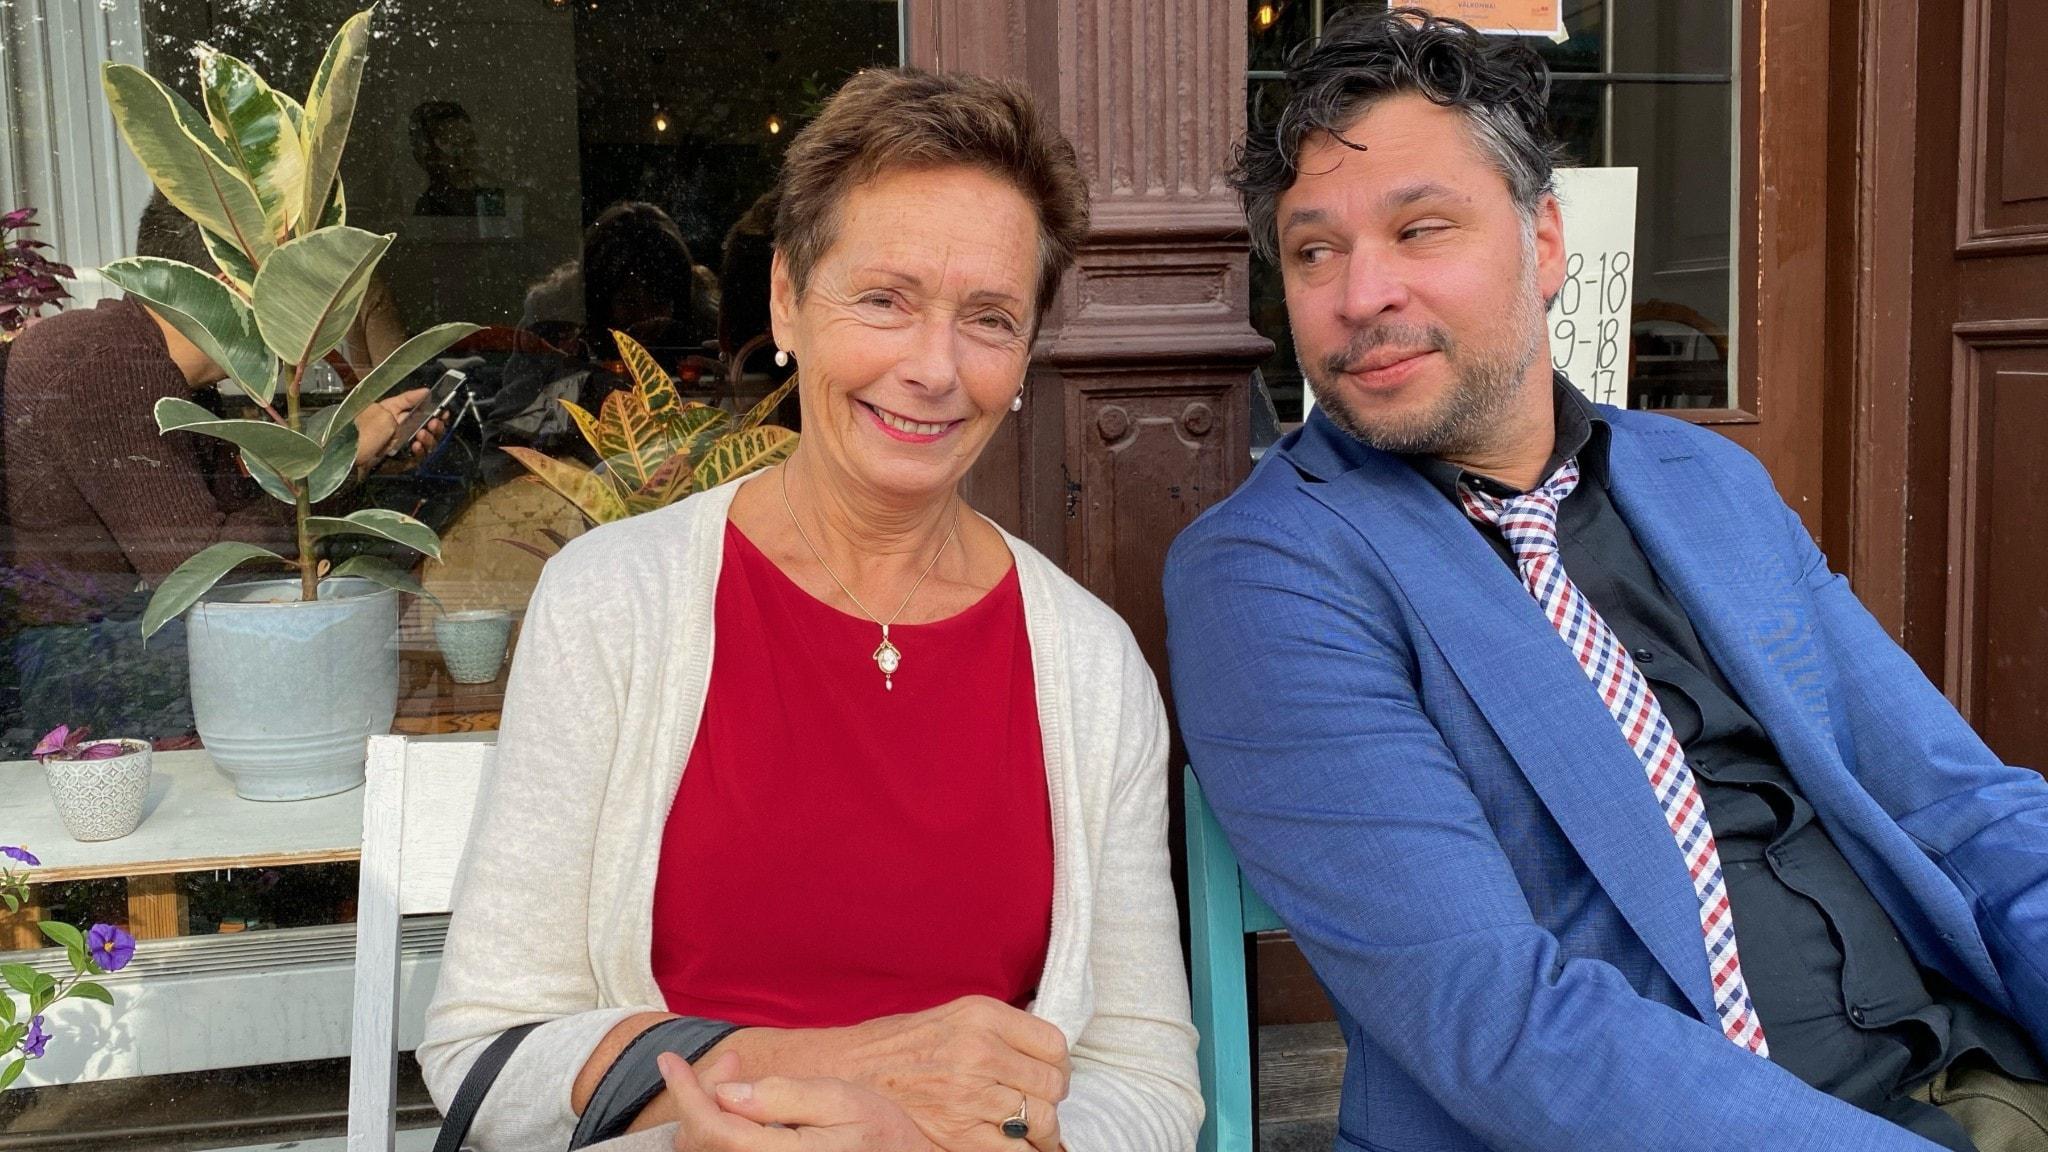 Dorotea Bromberg och Martin Wicklin sitter bredvid varandra utanför ett kafé